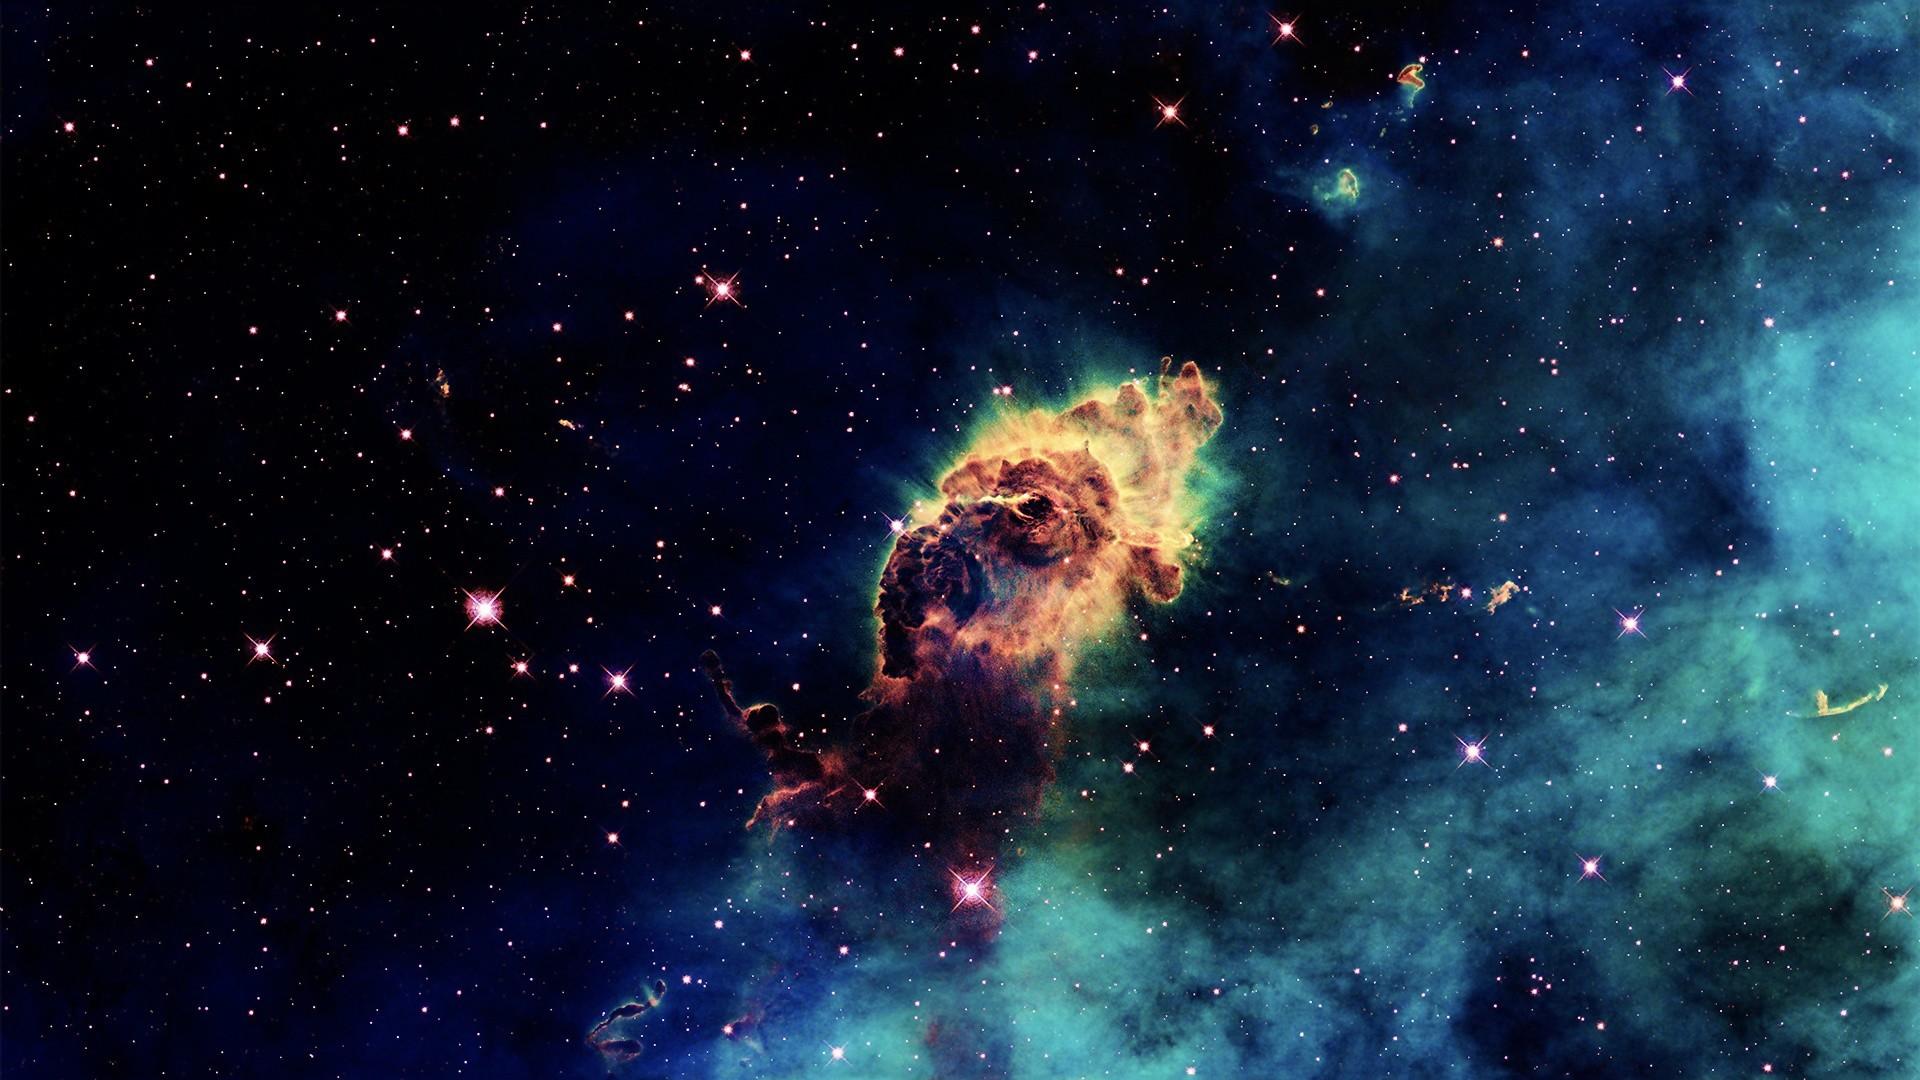 Nebula Wallpaper. 1920×1080